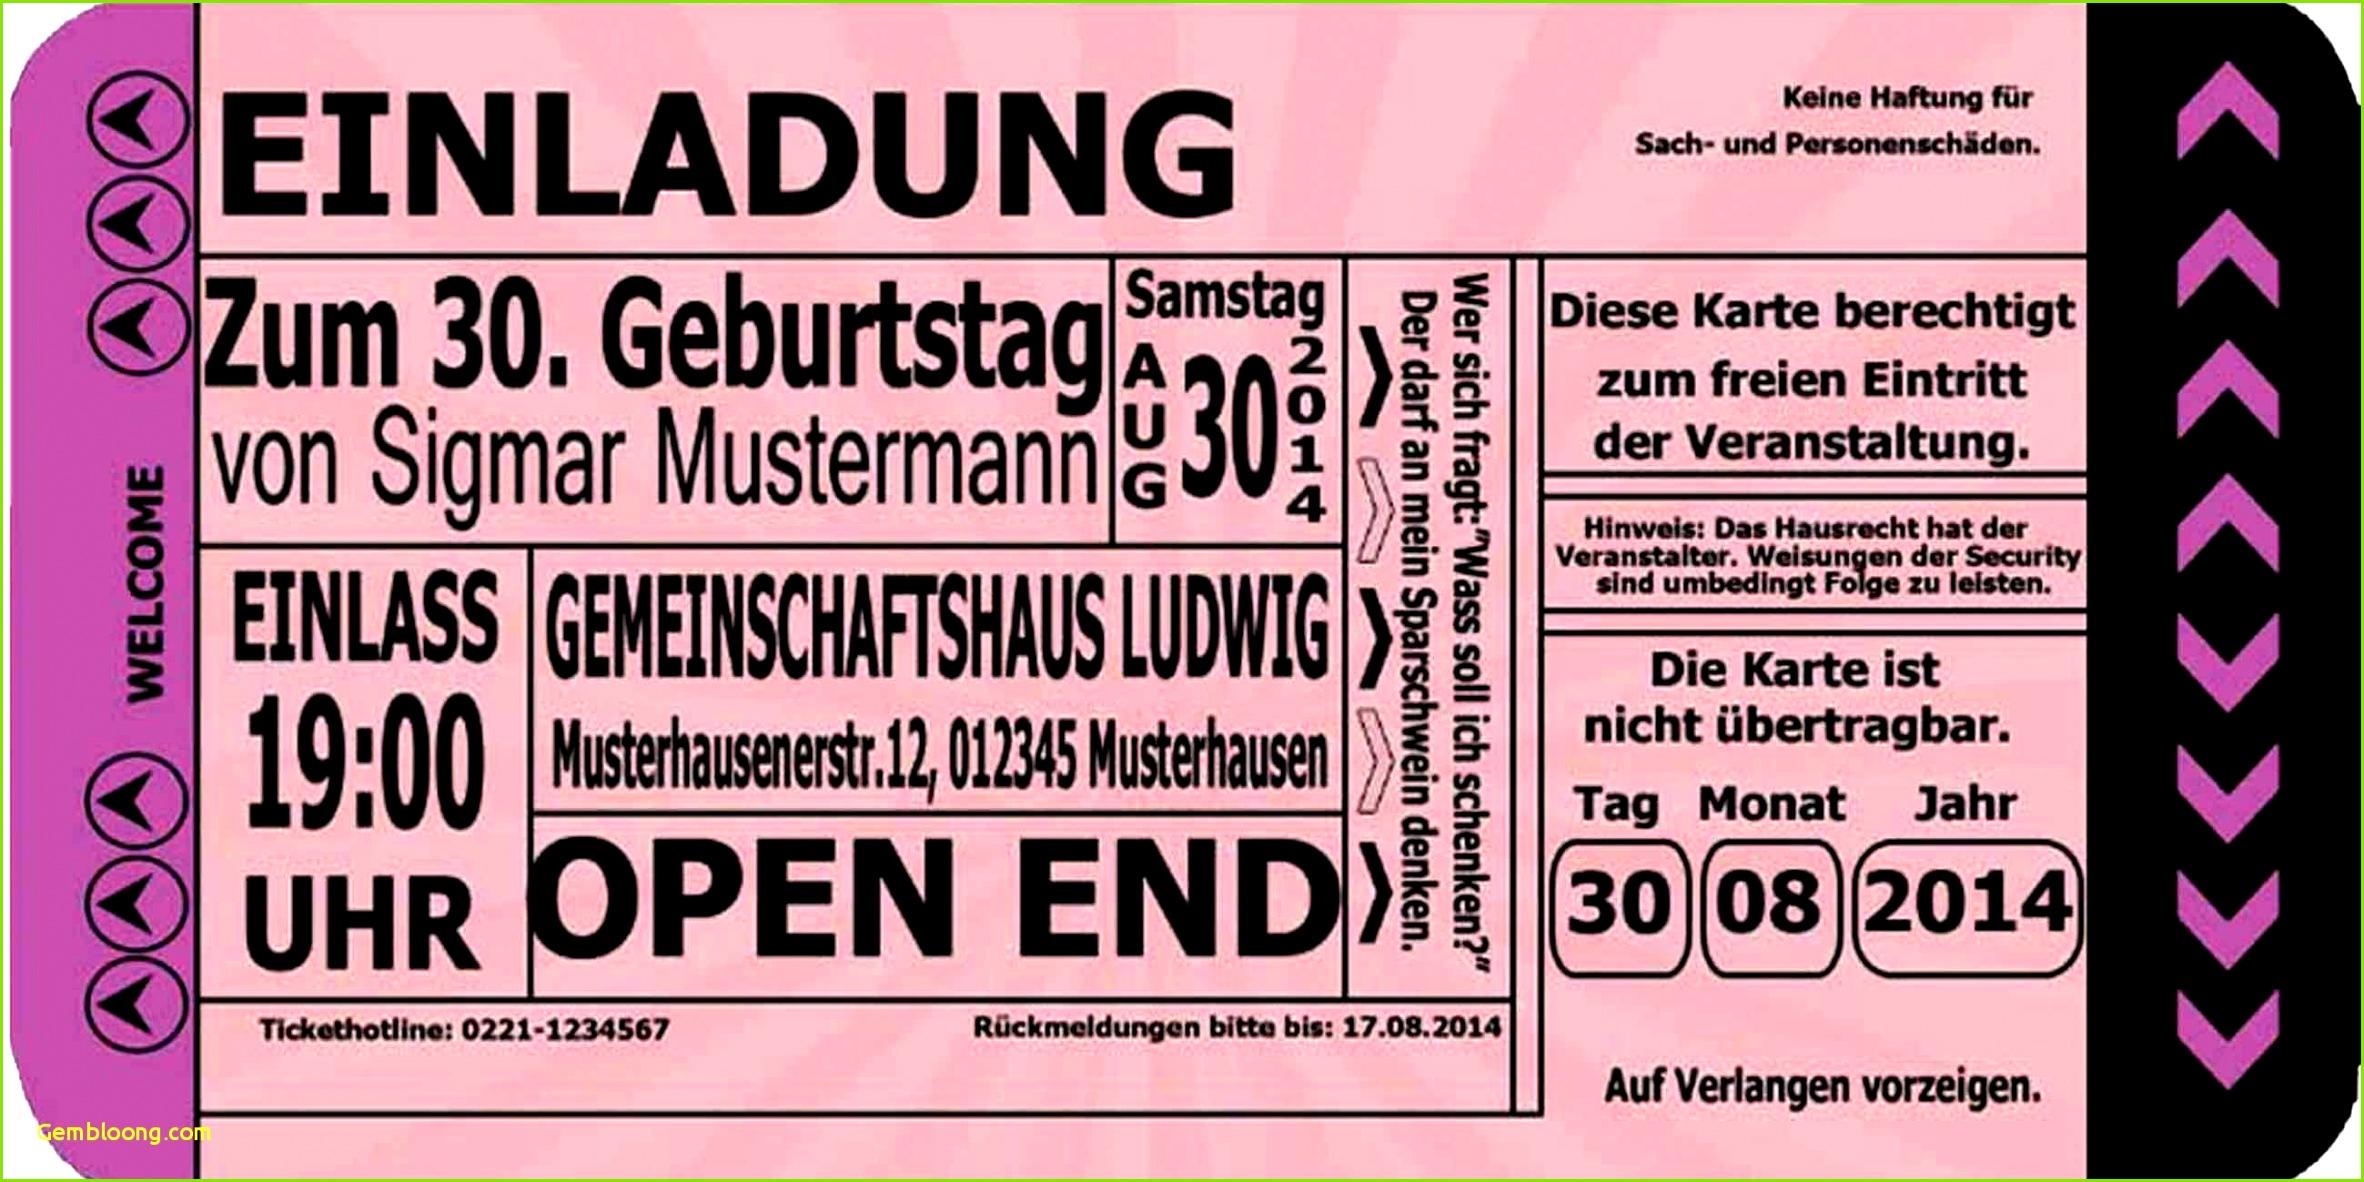 Einladung Vorlage Text Neueste Modelle Einladungskarten Vorlagen Geburtstag Vorlagen Einladungen 0d Meinung